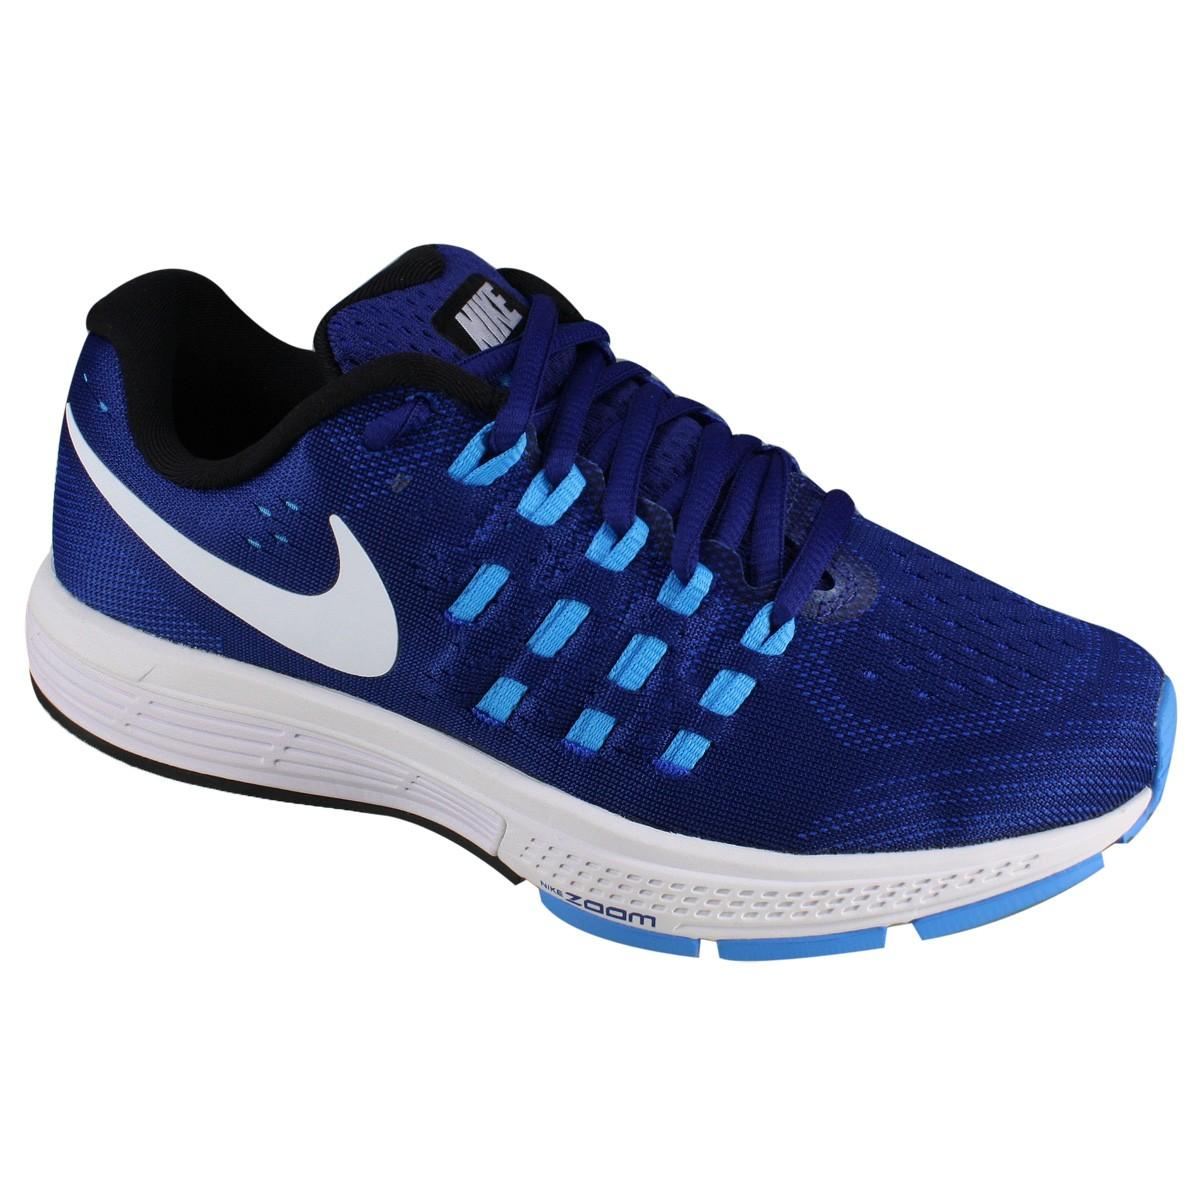 13f4942cf6db3 Tênis Nike Air Zoom Vomero 11 818100-400 Marinho Branco